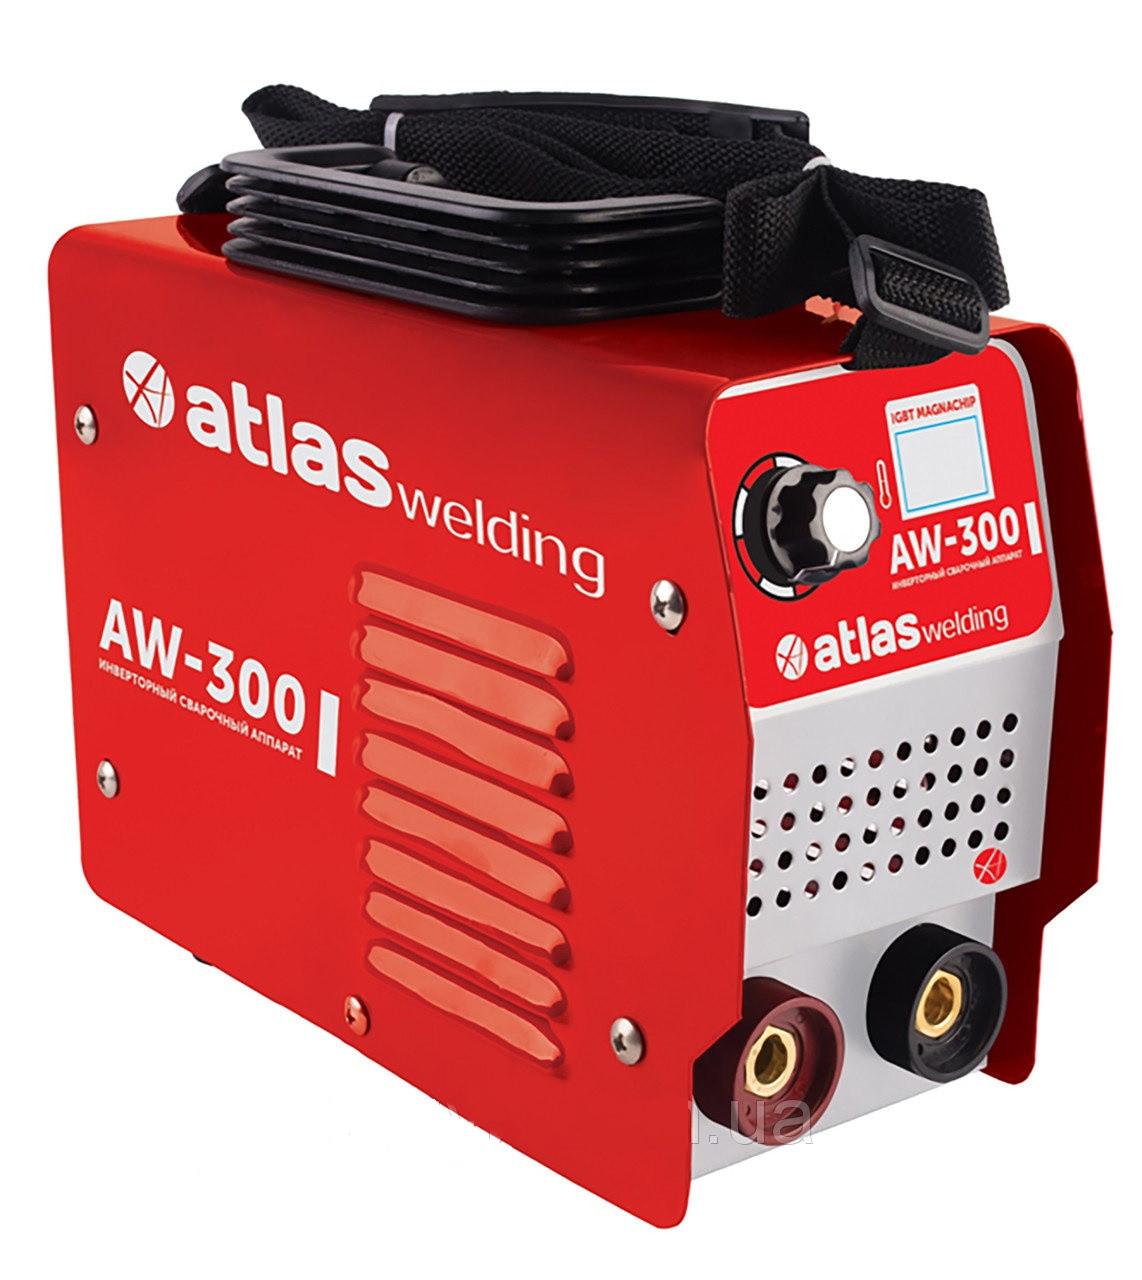 Инверторный сварочный аппарат Atlas welding AW-300 (дисплей)